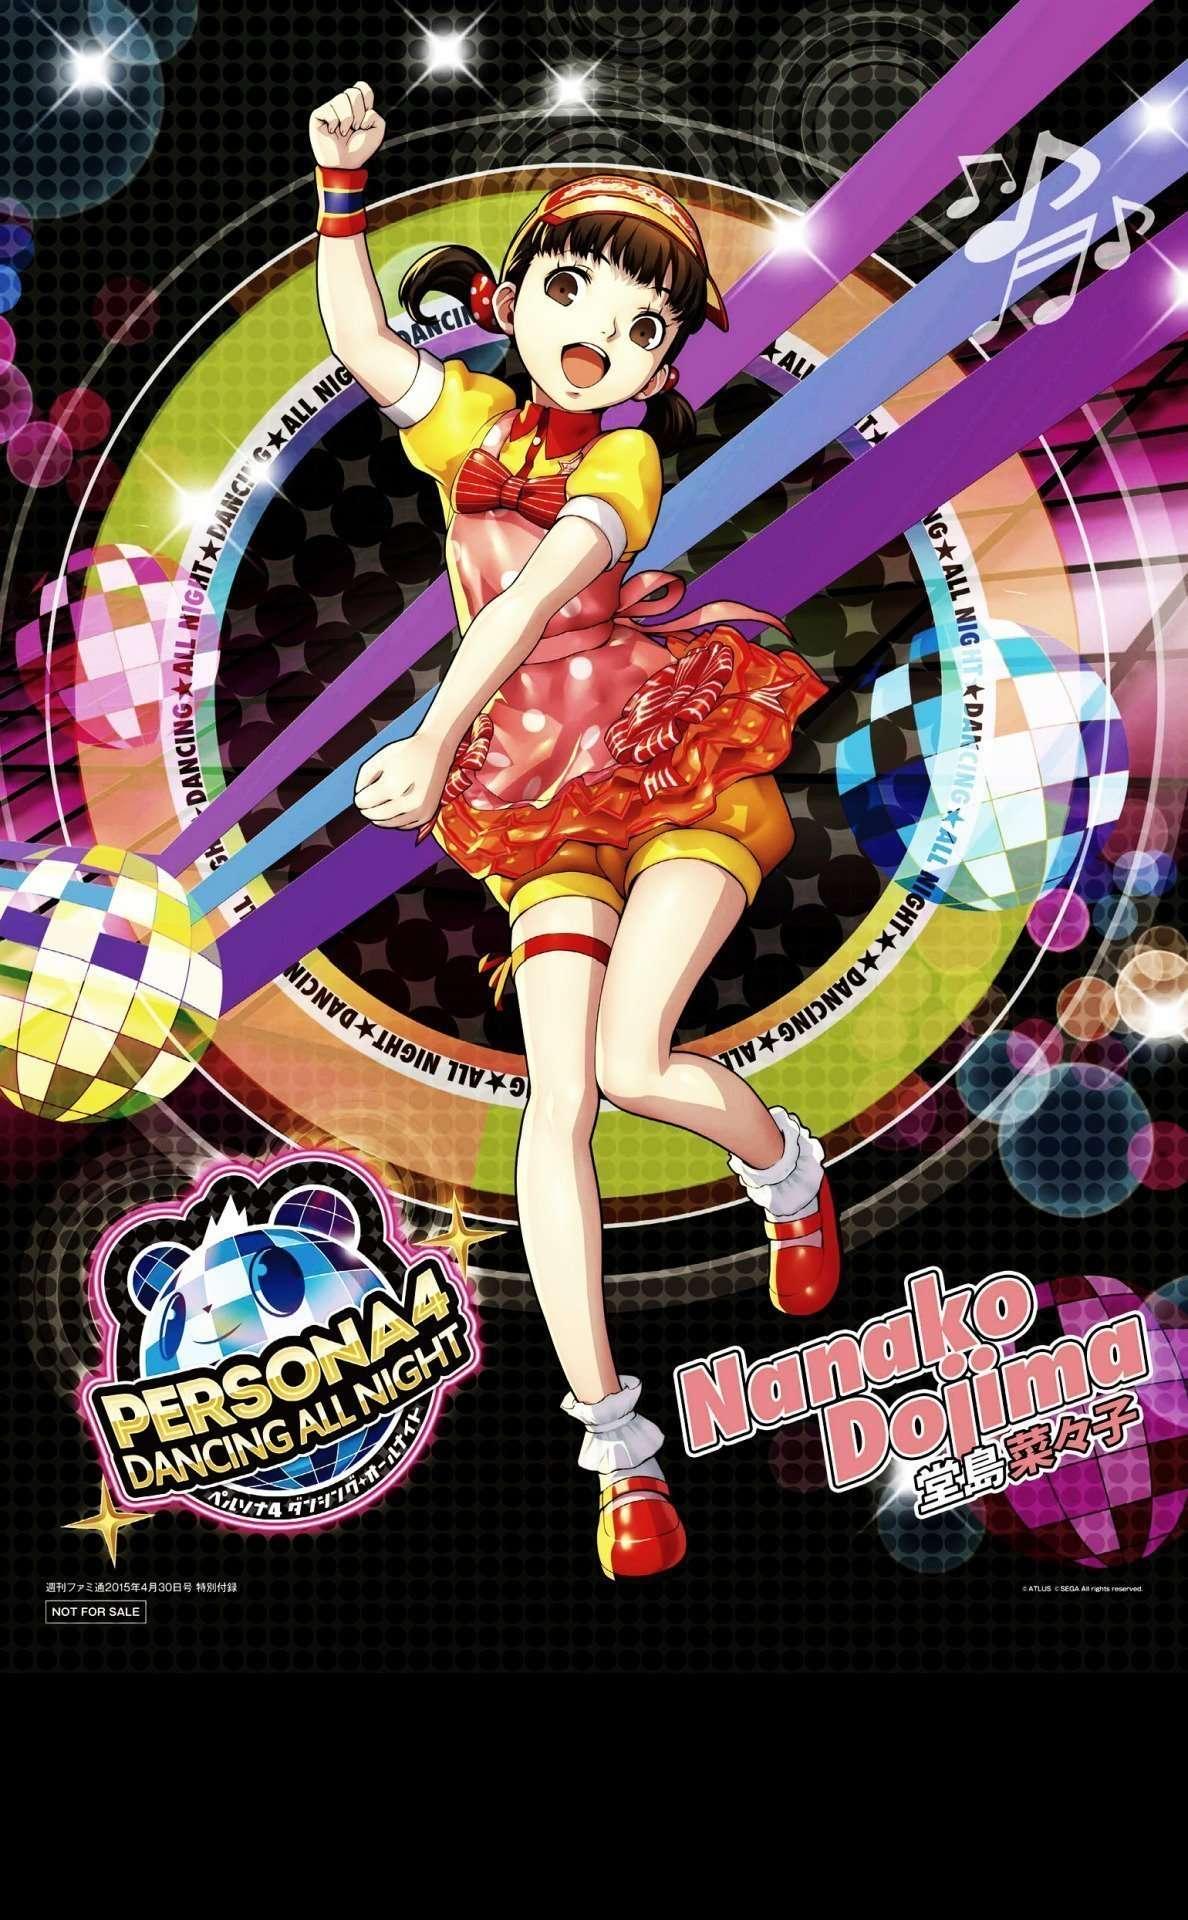 Nanako Dojima Famitsu Poster